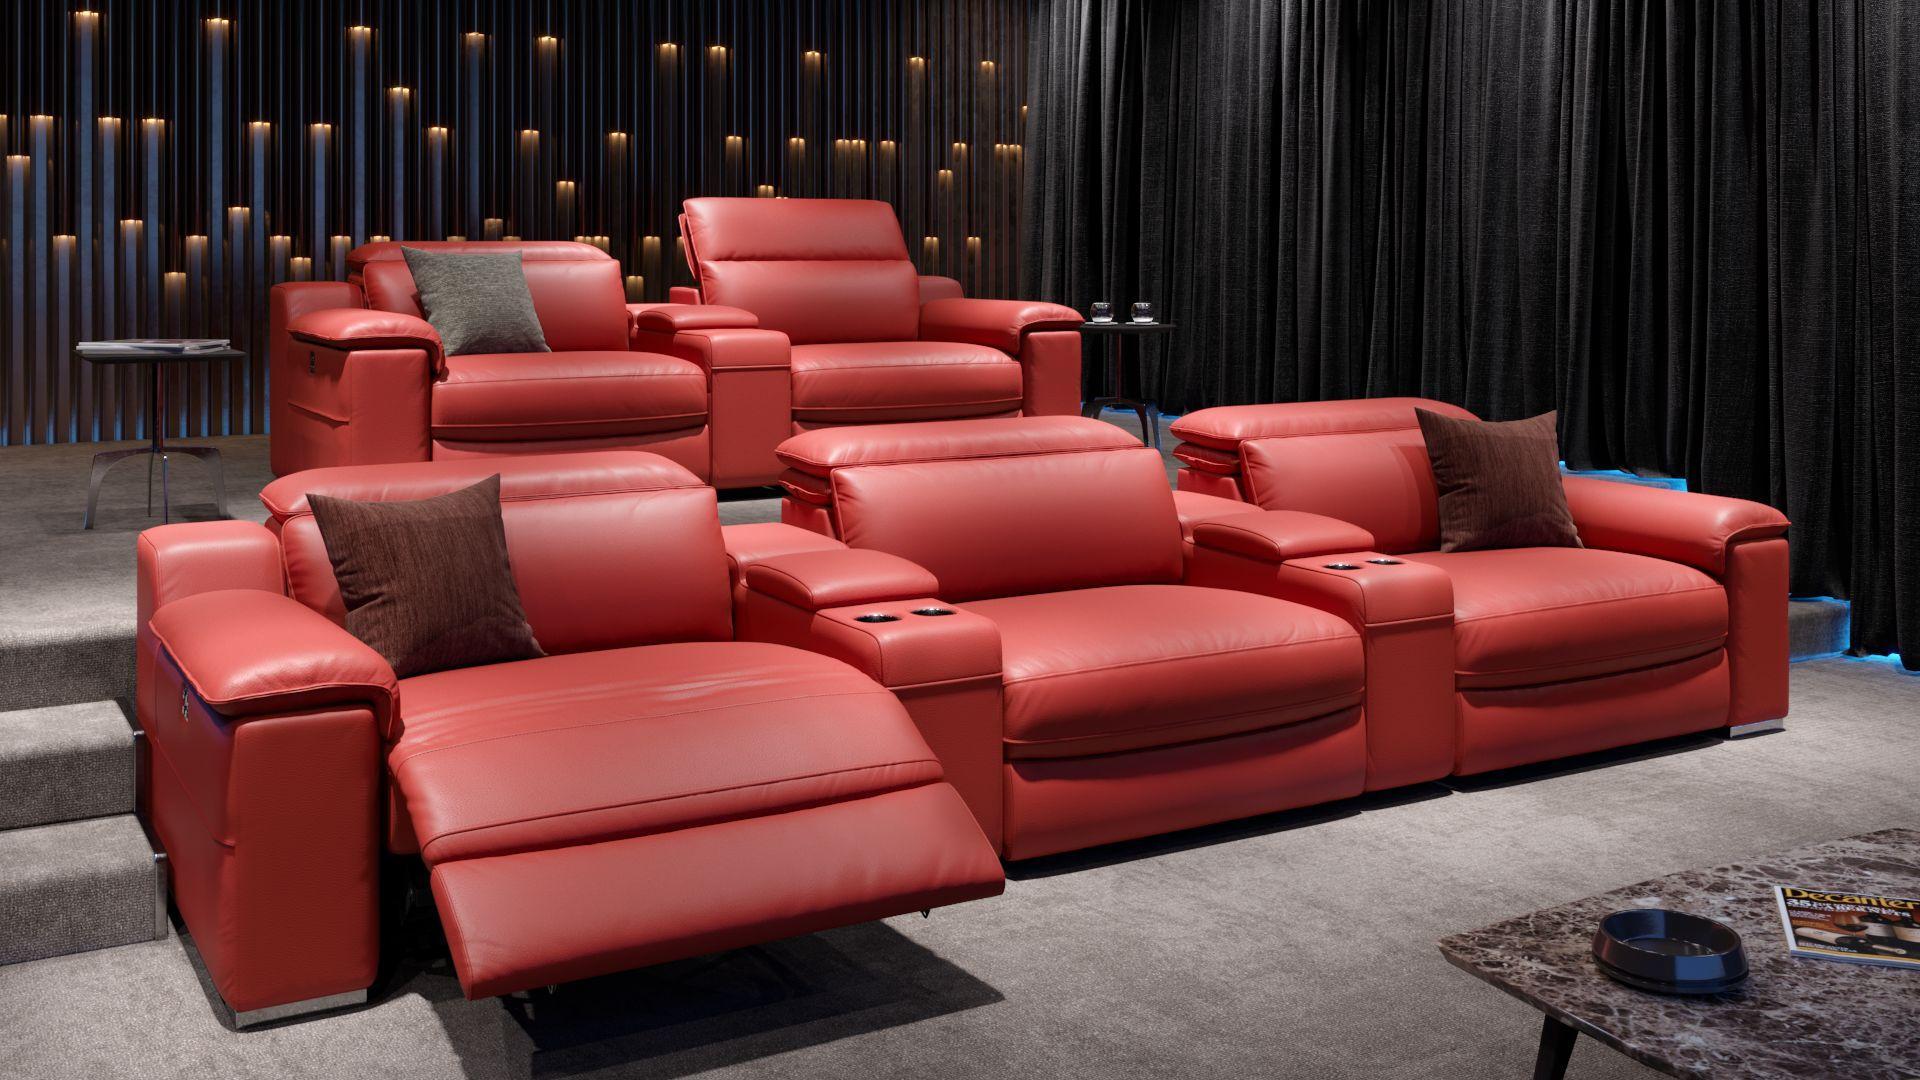 Full Size of Heimkino Sofa Xora Musterring Relaxsofa Fernsehsofa Recliner Test Leder 3 Sitzer Kaufen Couch Elektrisch Elektrischer Relaxfunktion Heimkino Sofa Lederlook Sofa Heimkino Sofa